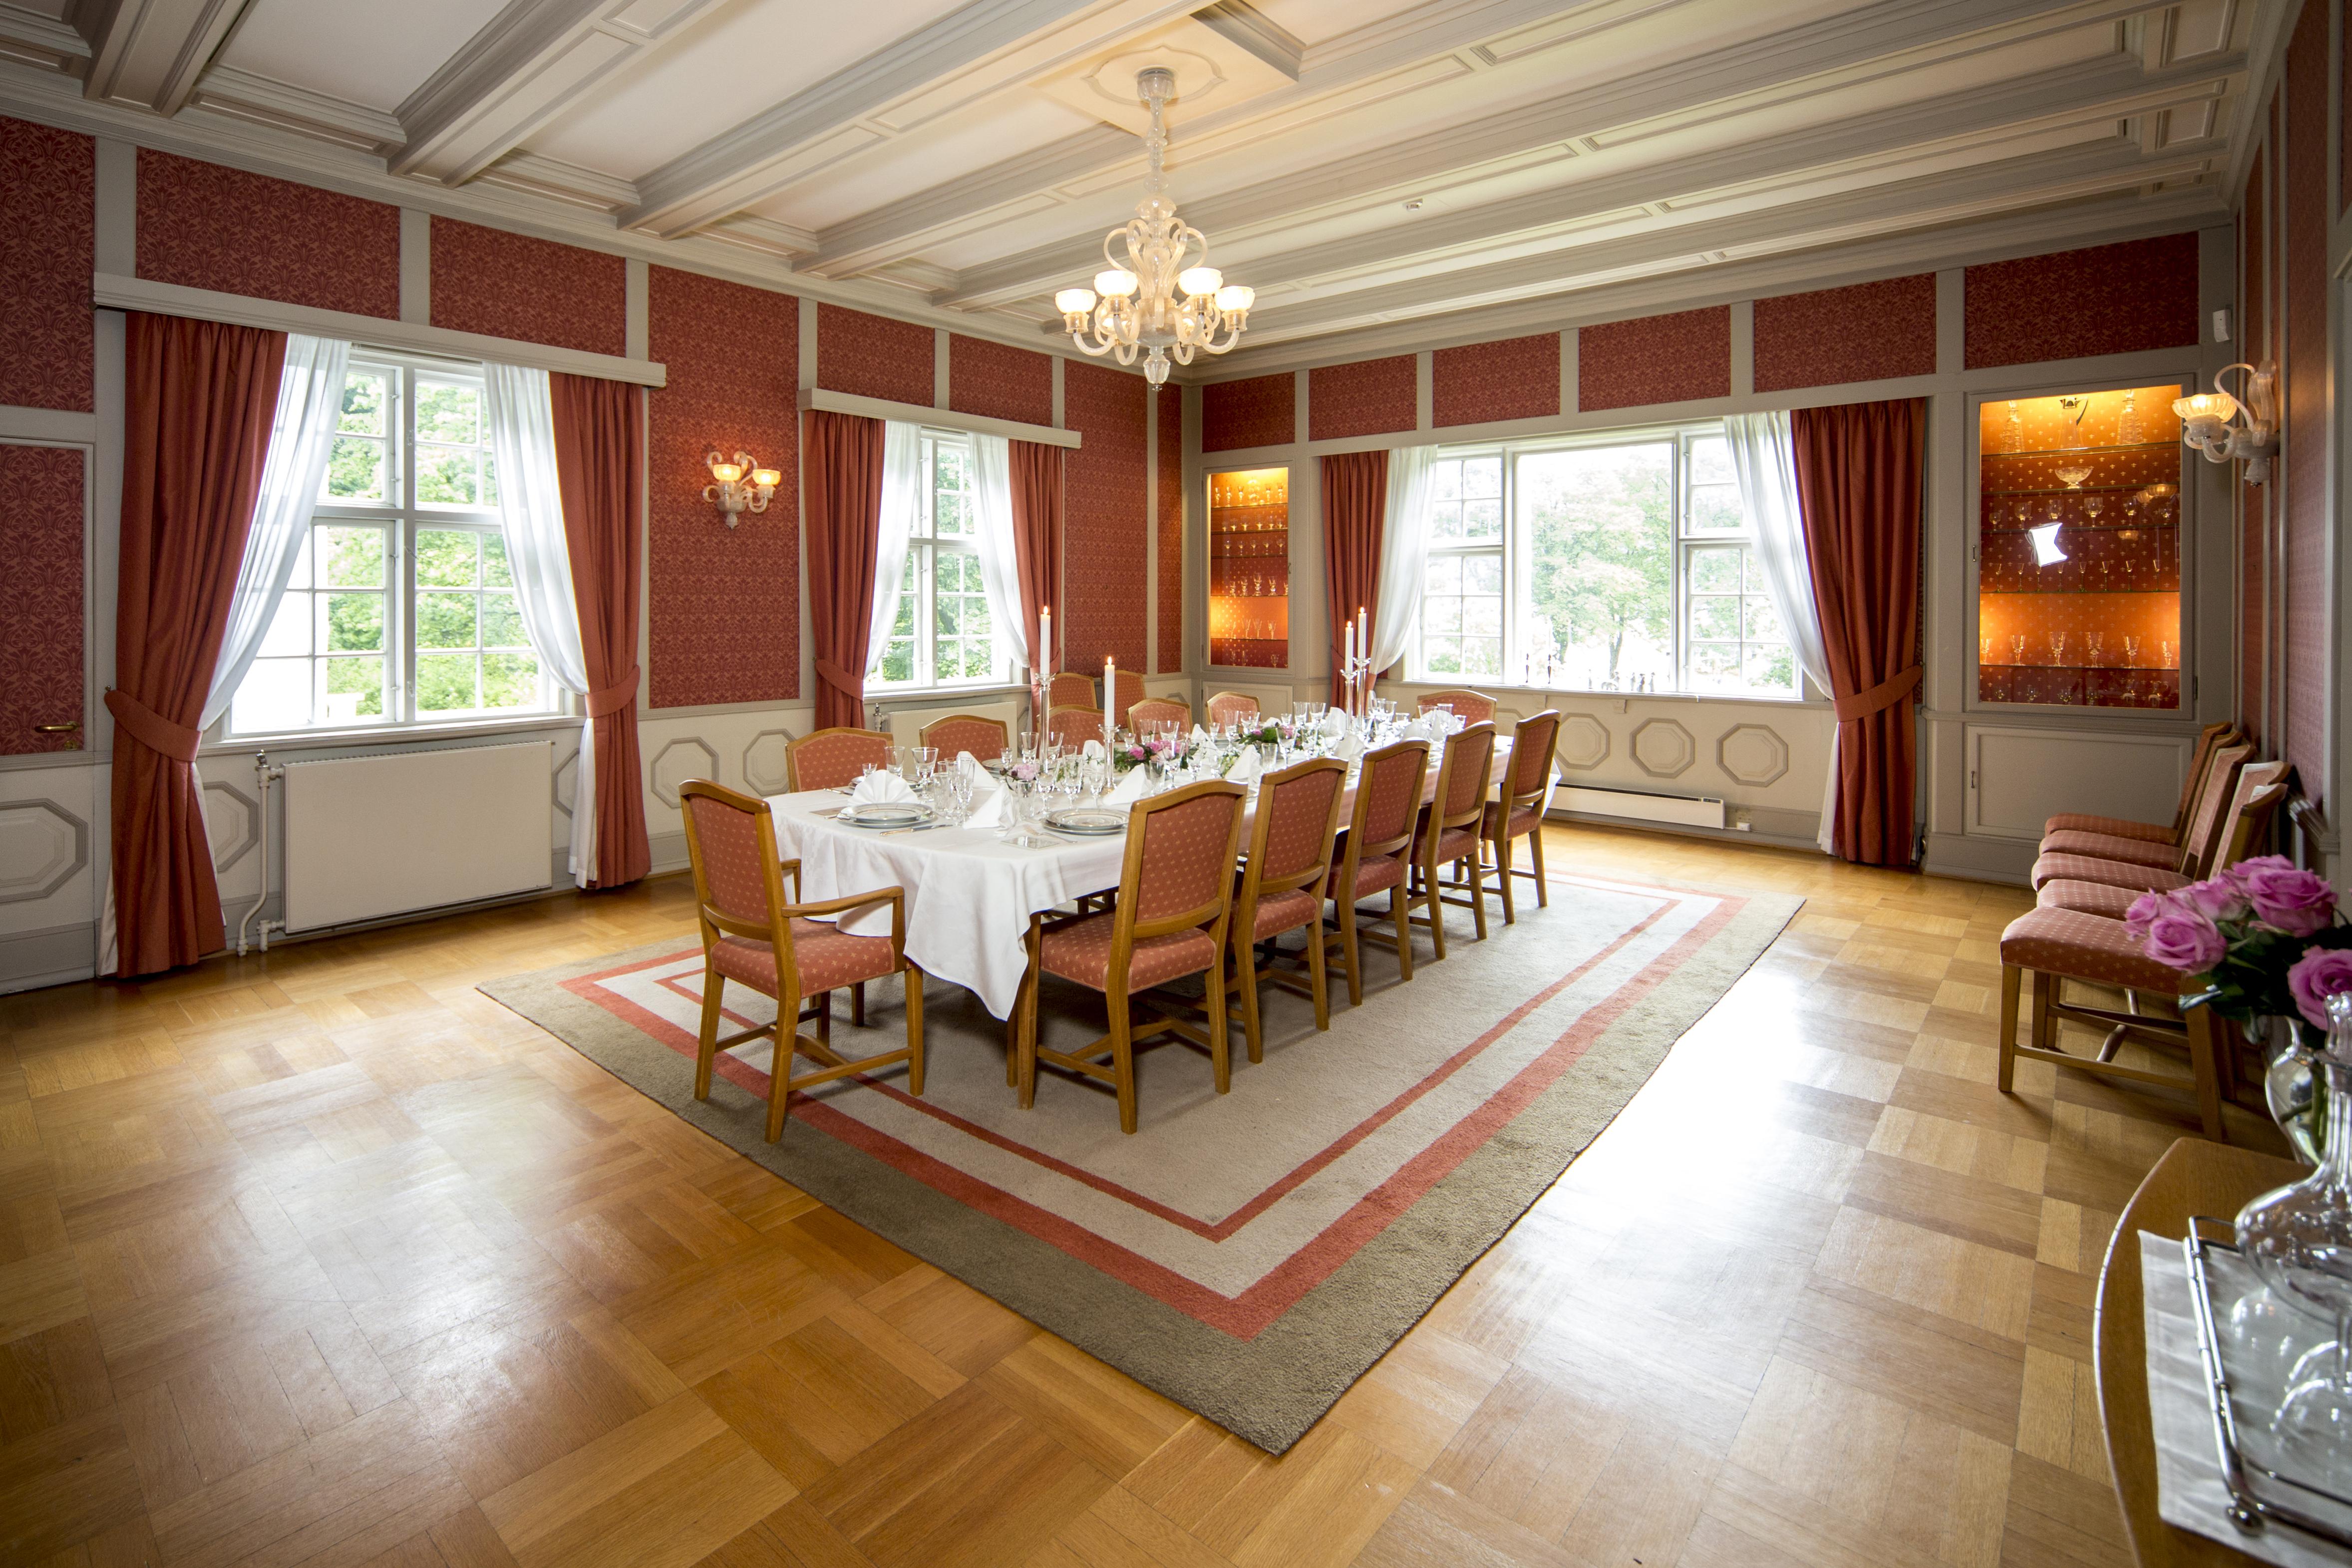 """Rjukan Admini ble brukt som Hydro direktør Henriksen sitt hjem i TV-serien """"Kampen om tungtvannet"""", © Fotograf Jacobsen"""